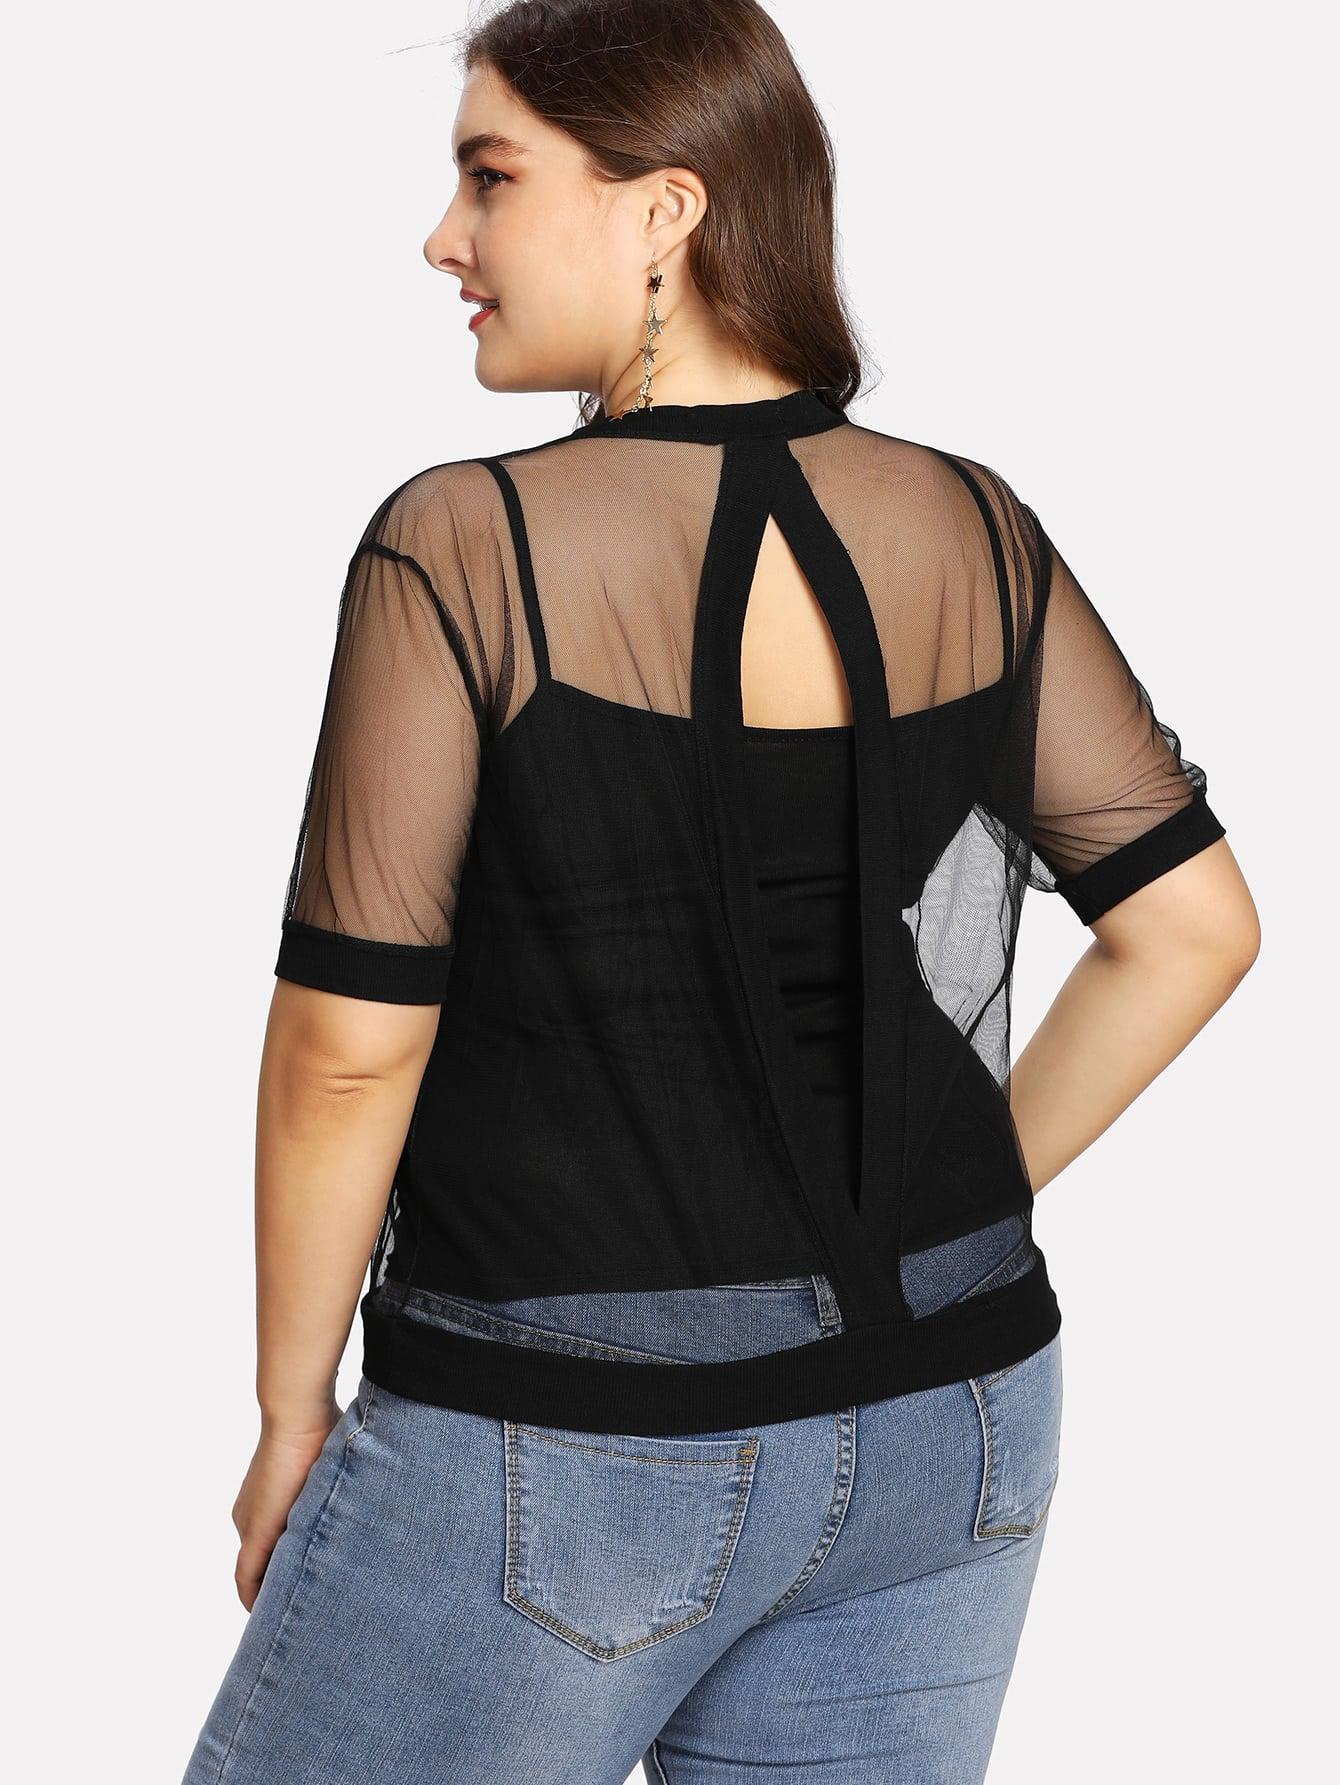 Купить Модная футболка с сетчатой вставкой и модный топ на бретельках, Franziska, SheIn